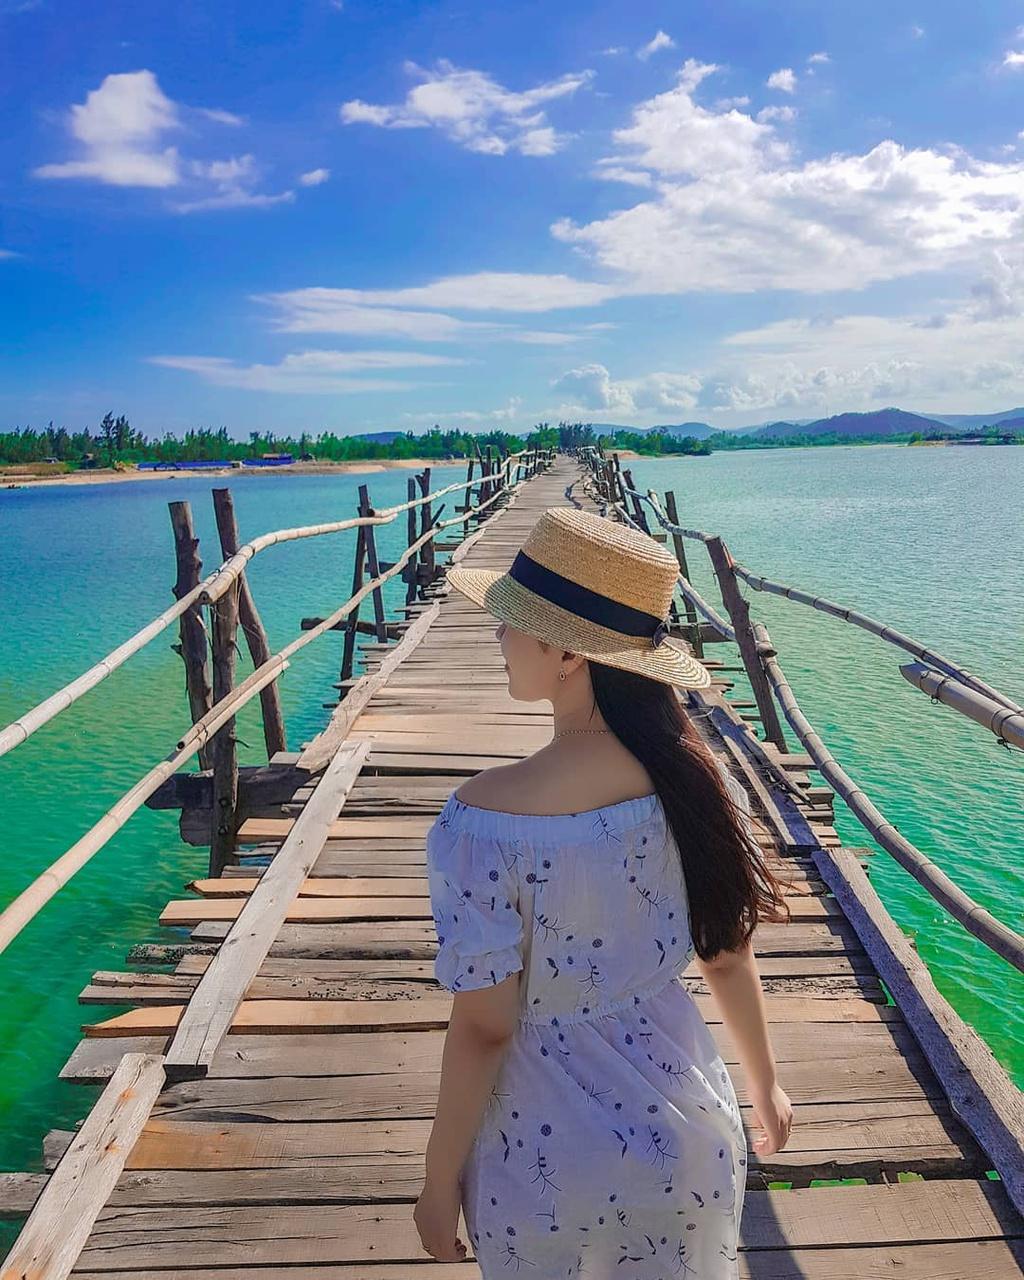 Cầu gỗ Ông Cọp và 4 điểm check-in không thể bỏ qua ở Phú Yên – iVIVU.com